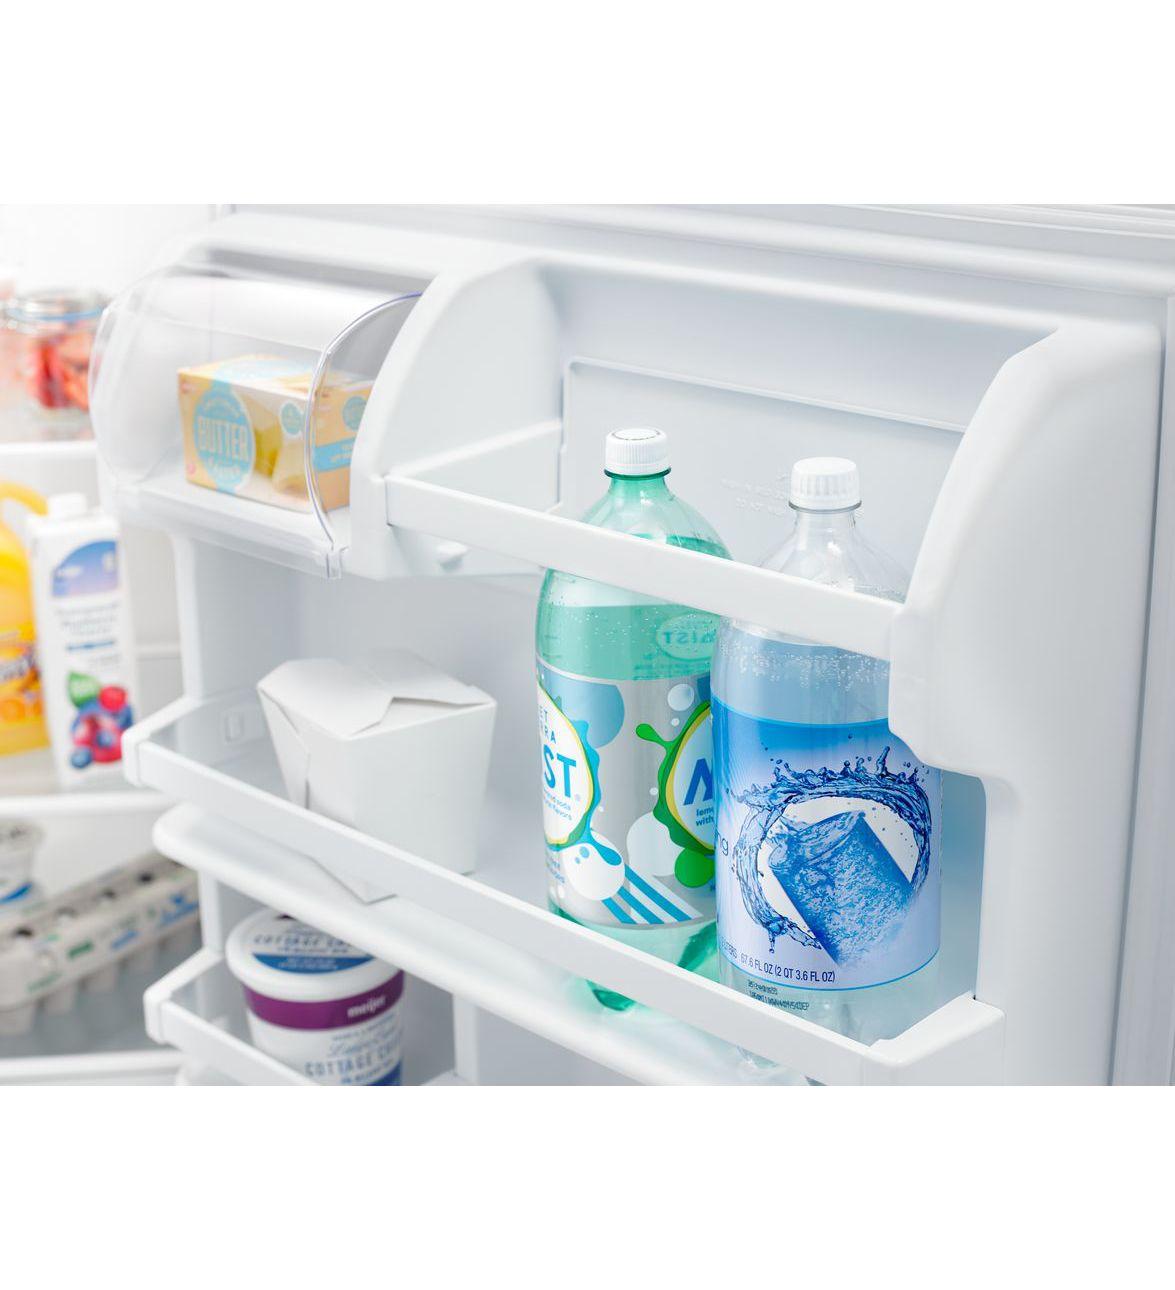 ART318FFDW) Amana® 30-inch Wide Top-Freezer Refrigerator with Glass ...